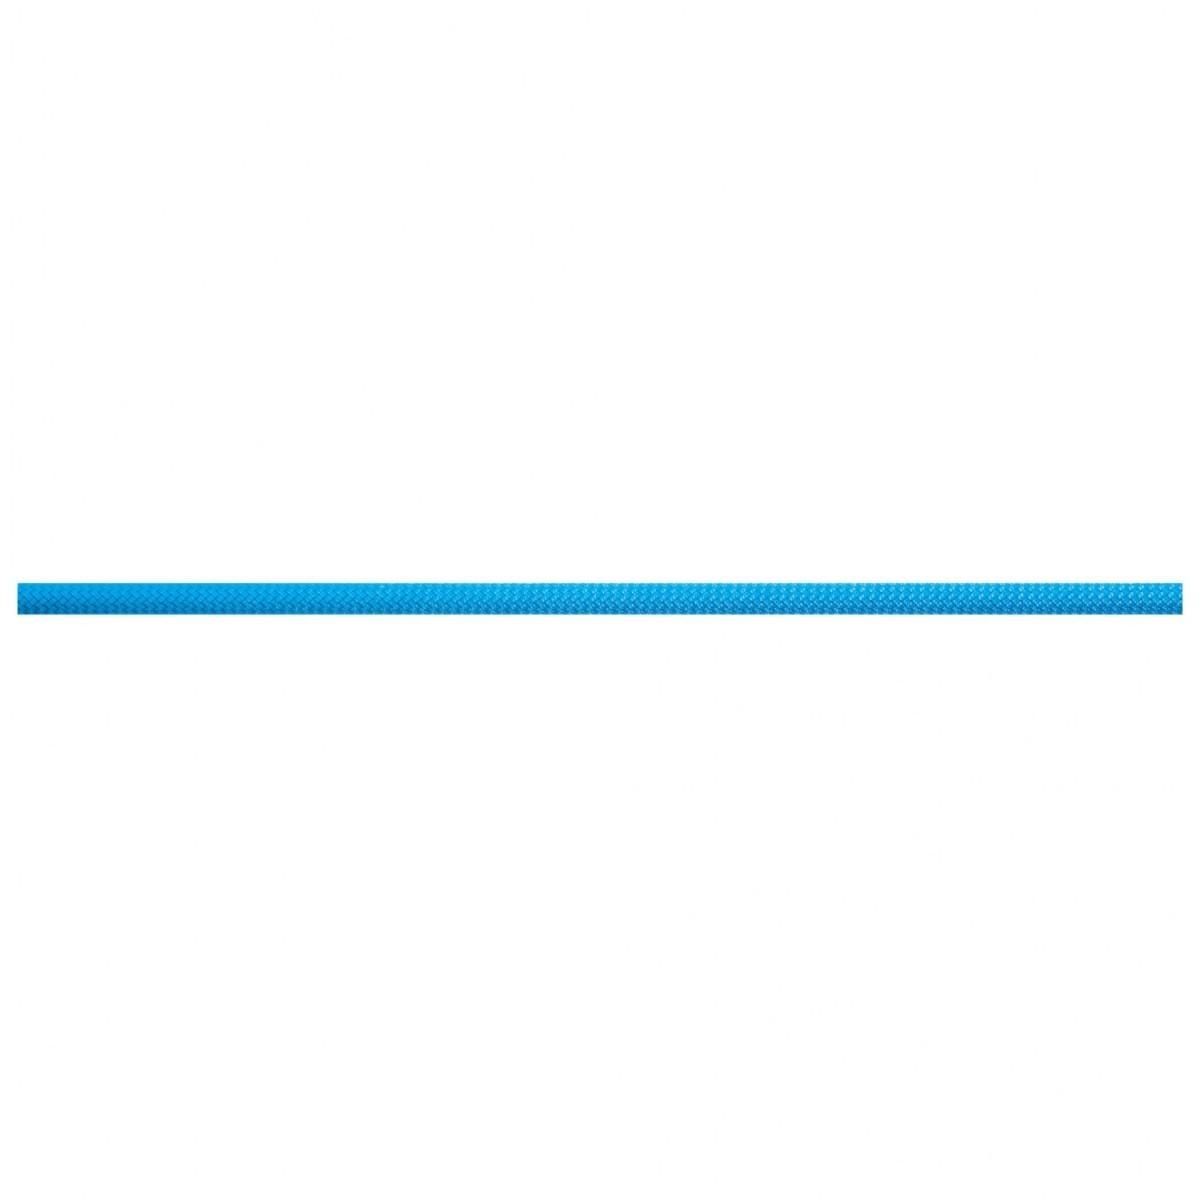 BEAL べアール Opera 8.5 mm(80m - Blue)★ロープ・ザイル・登山・クライミング★